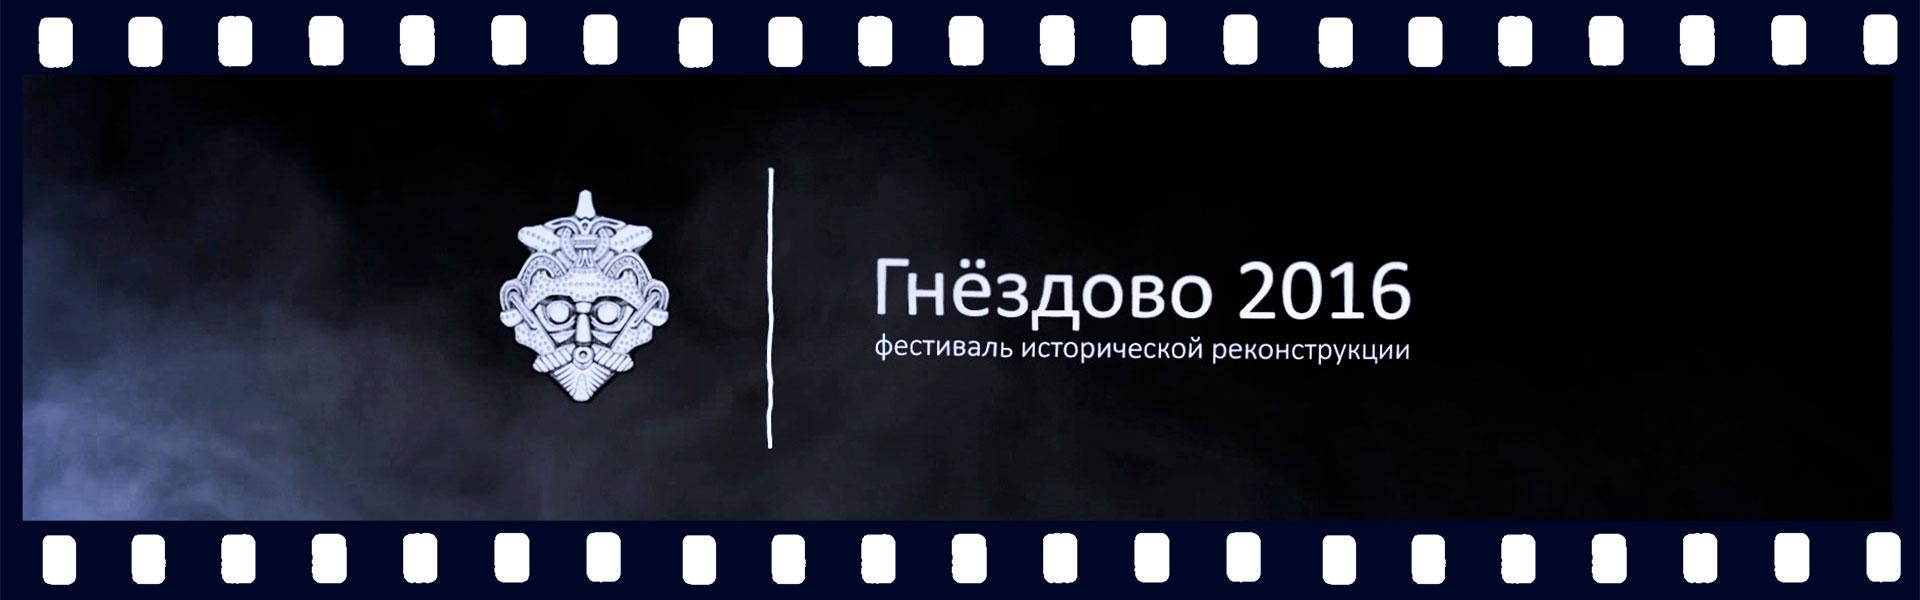 Видеоотчет, фестиваль исторической реконструкции «Гнёздово»